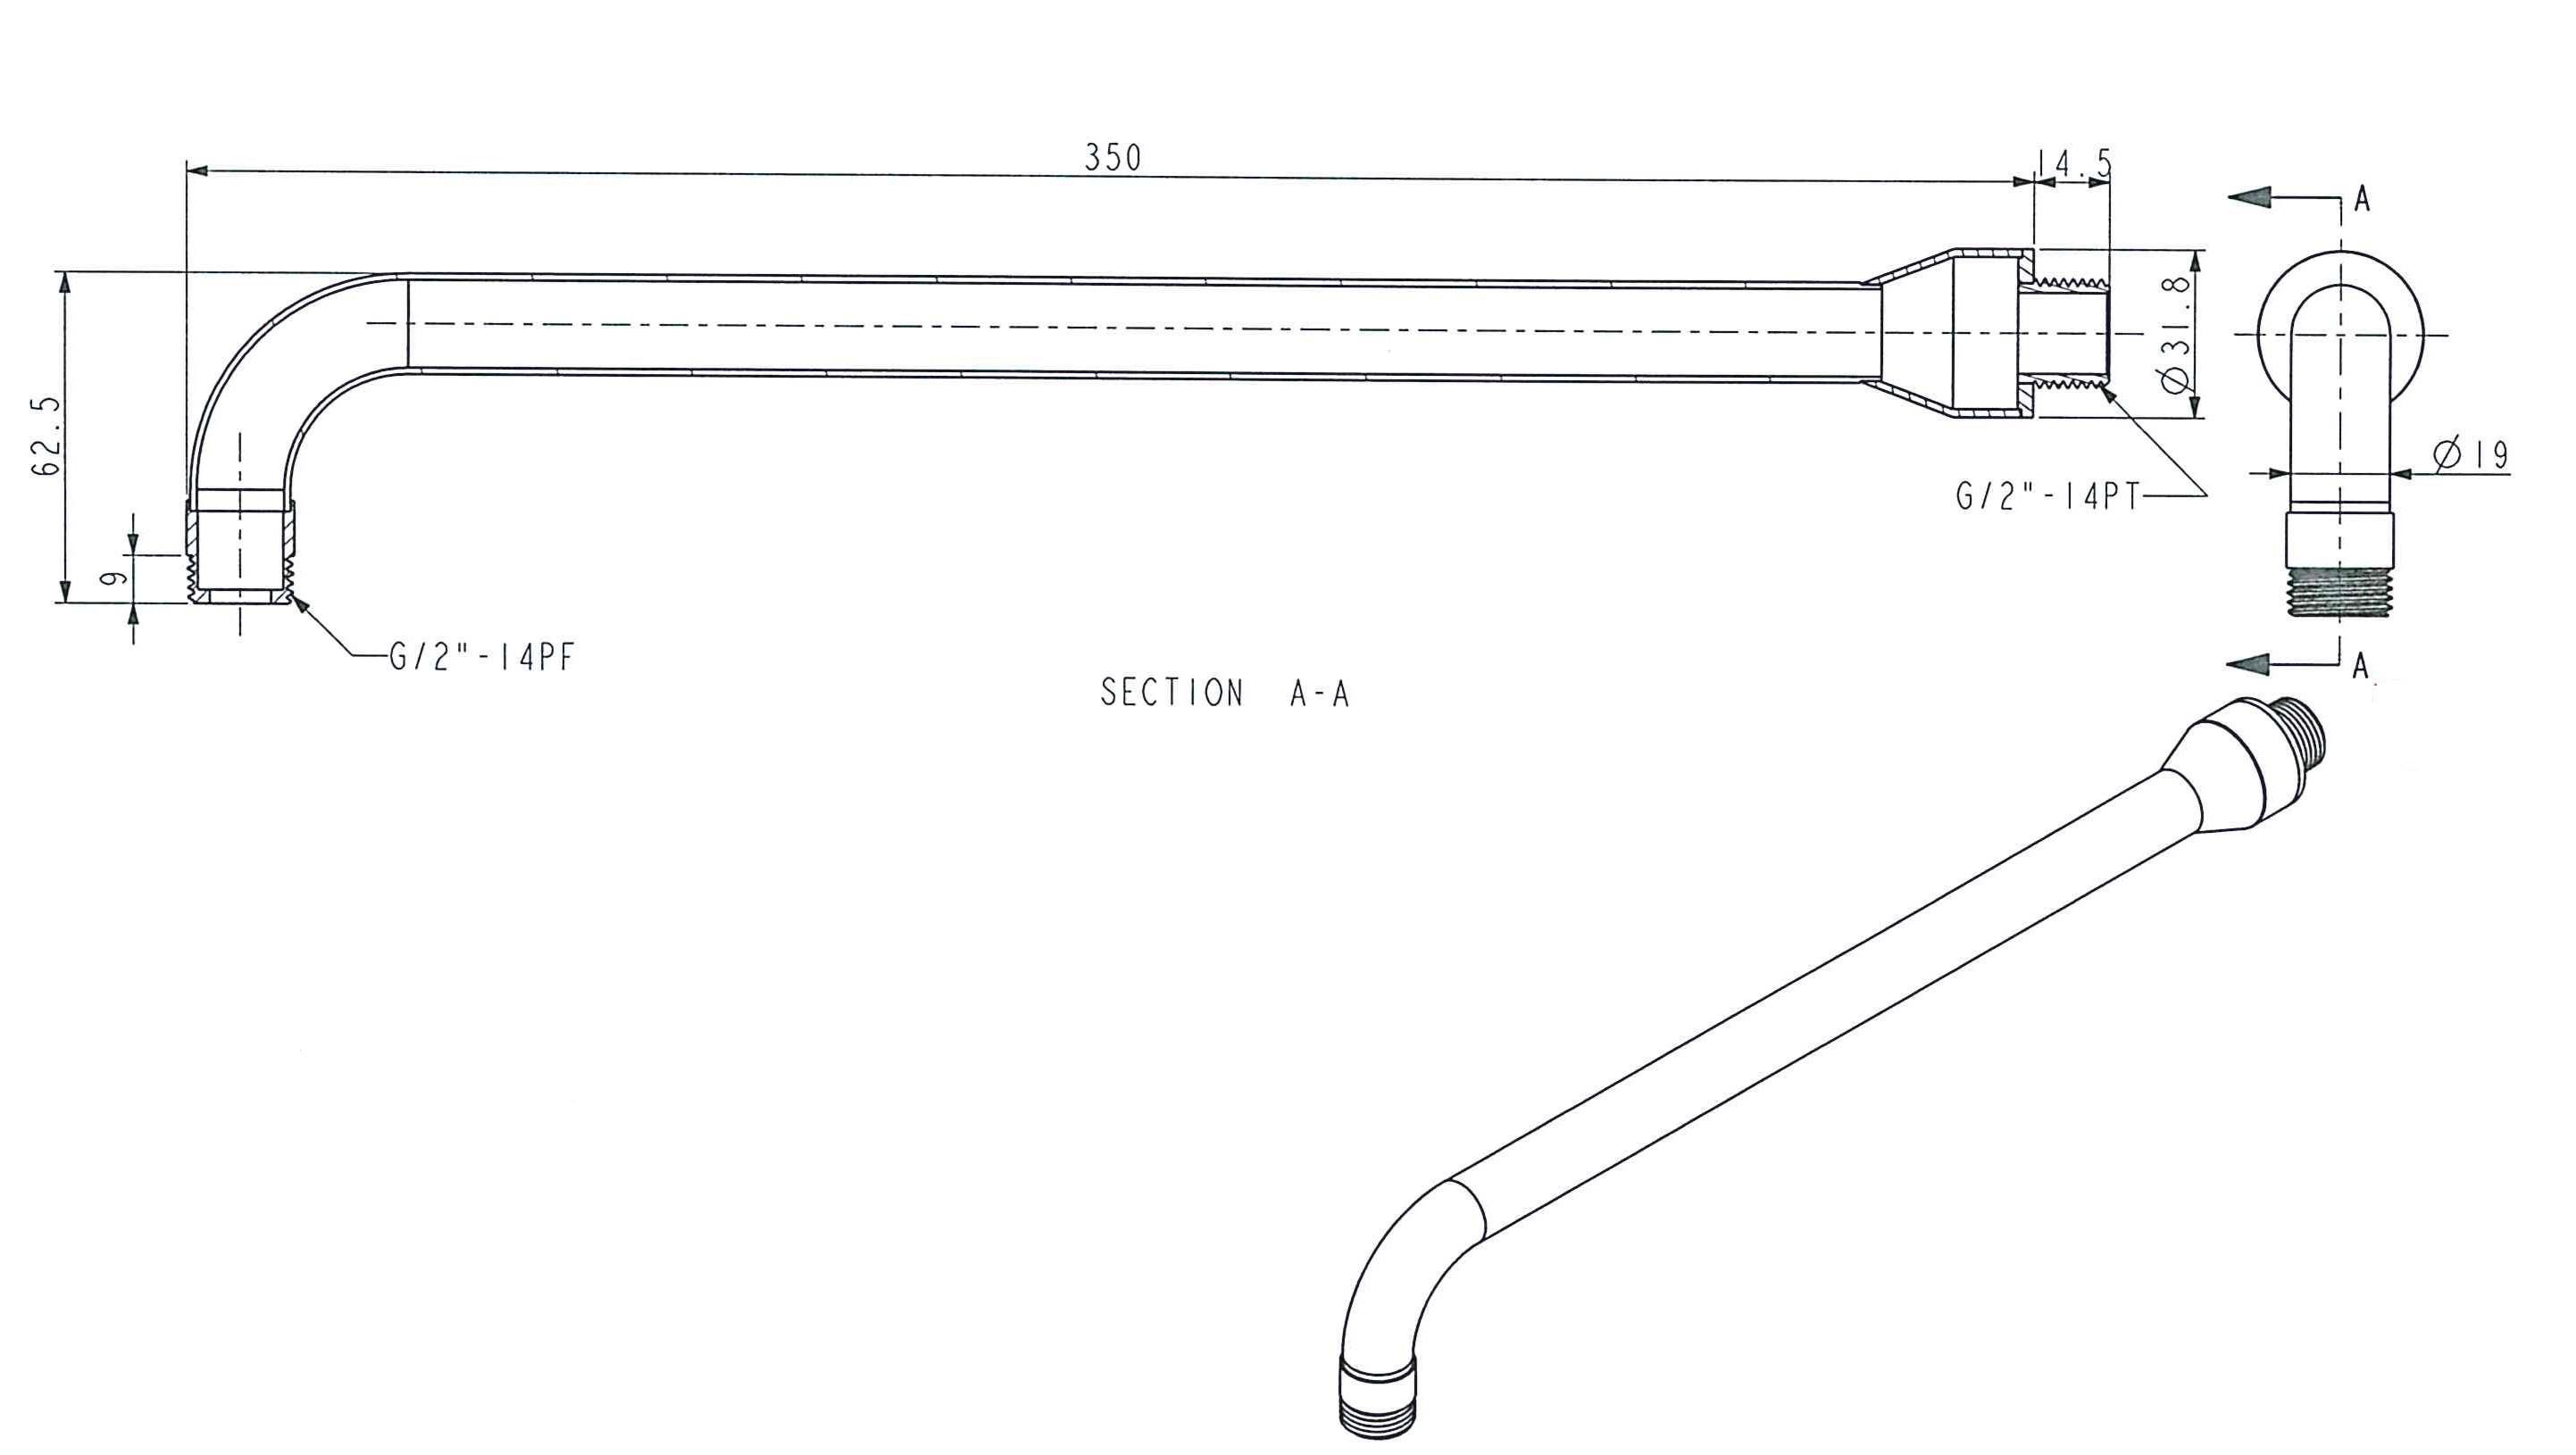 Douchekop arm RVS 316 lengte 350 mm